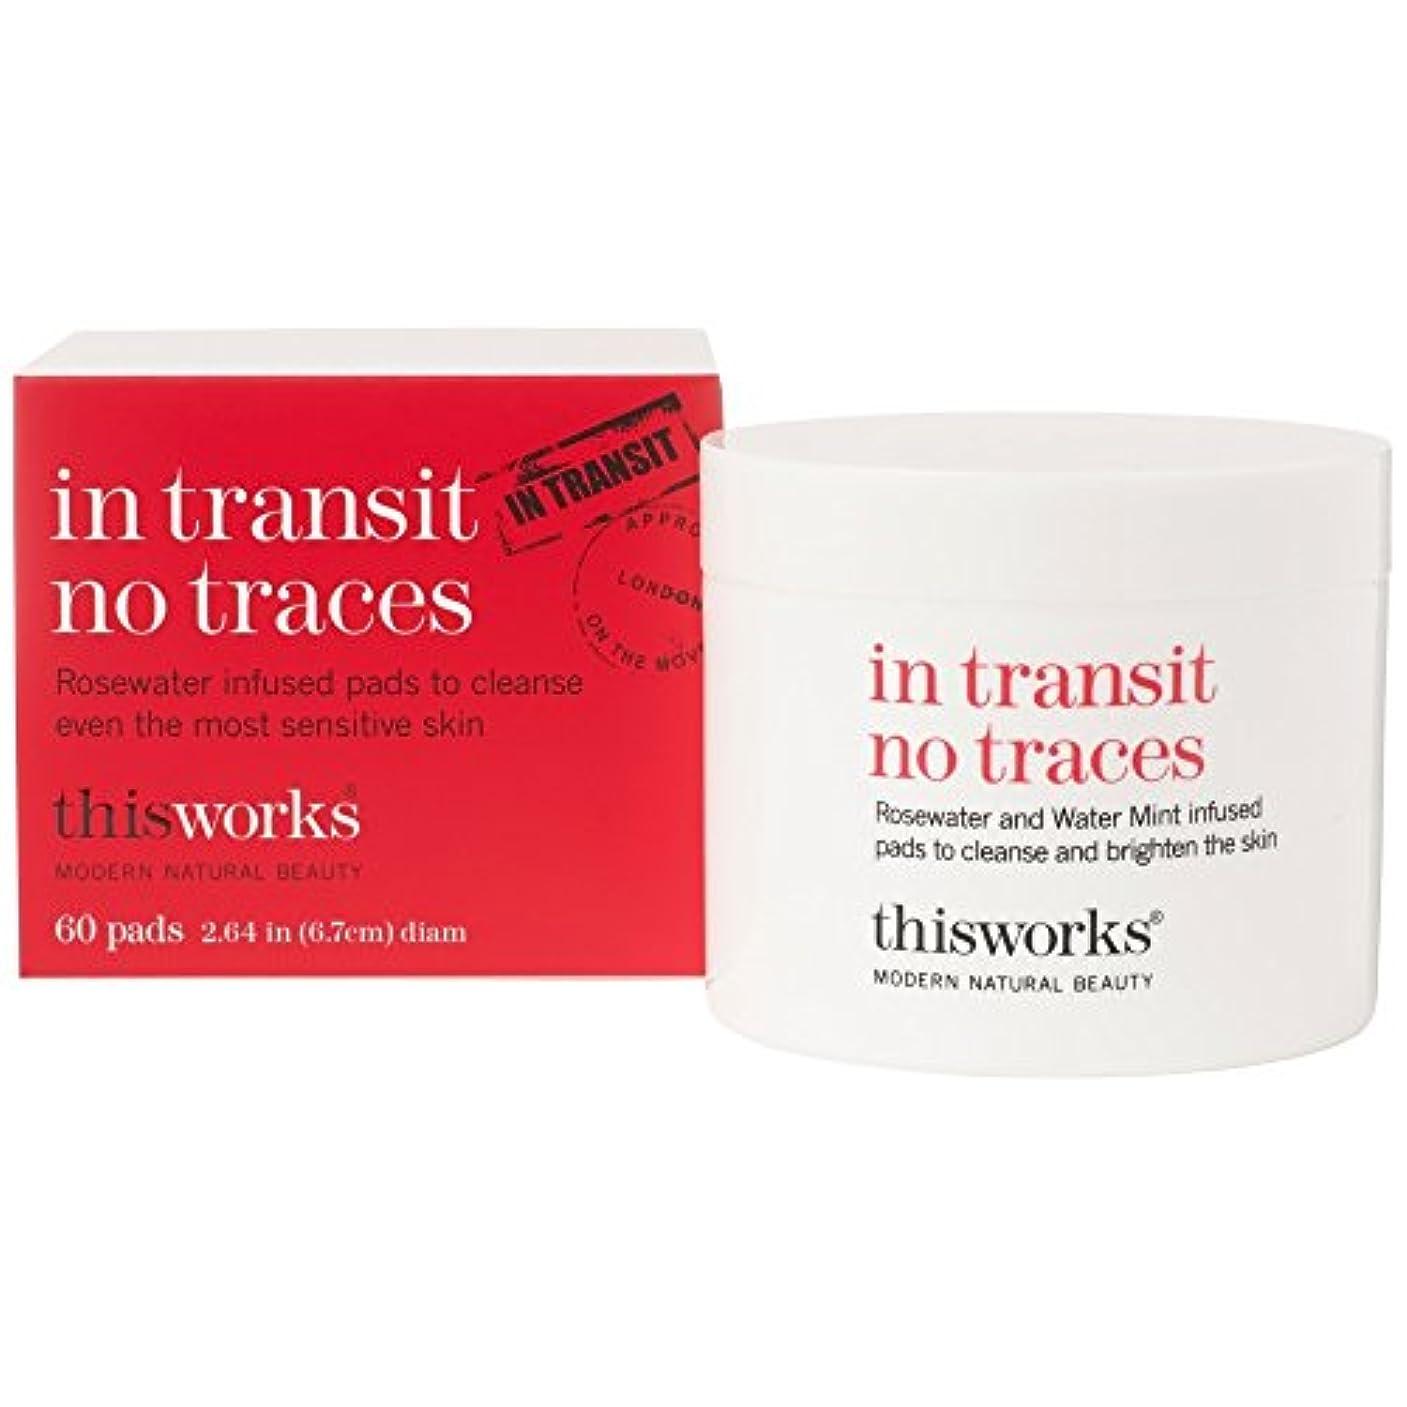 抵抗委員長呼びかけるこれは、輸送中に痕跡、60パッドに動作しません (This Works) - This Works In Transit No Traces, 60 Pads [並行輸入品]